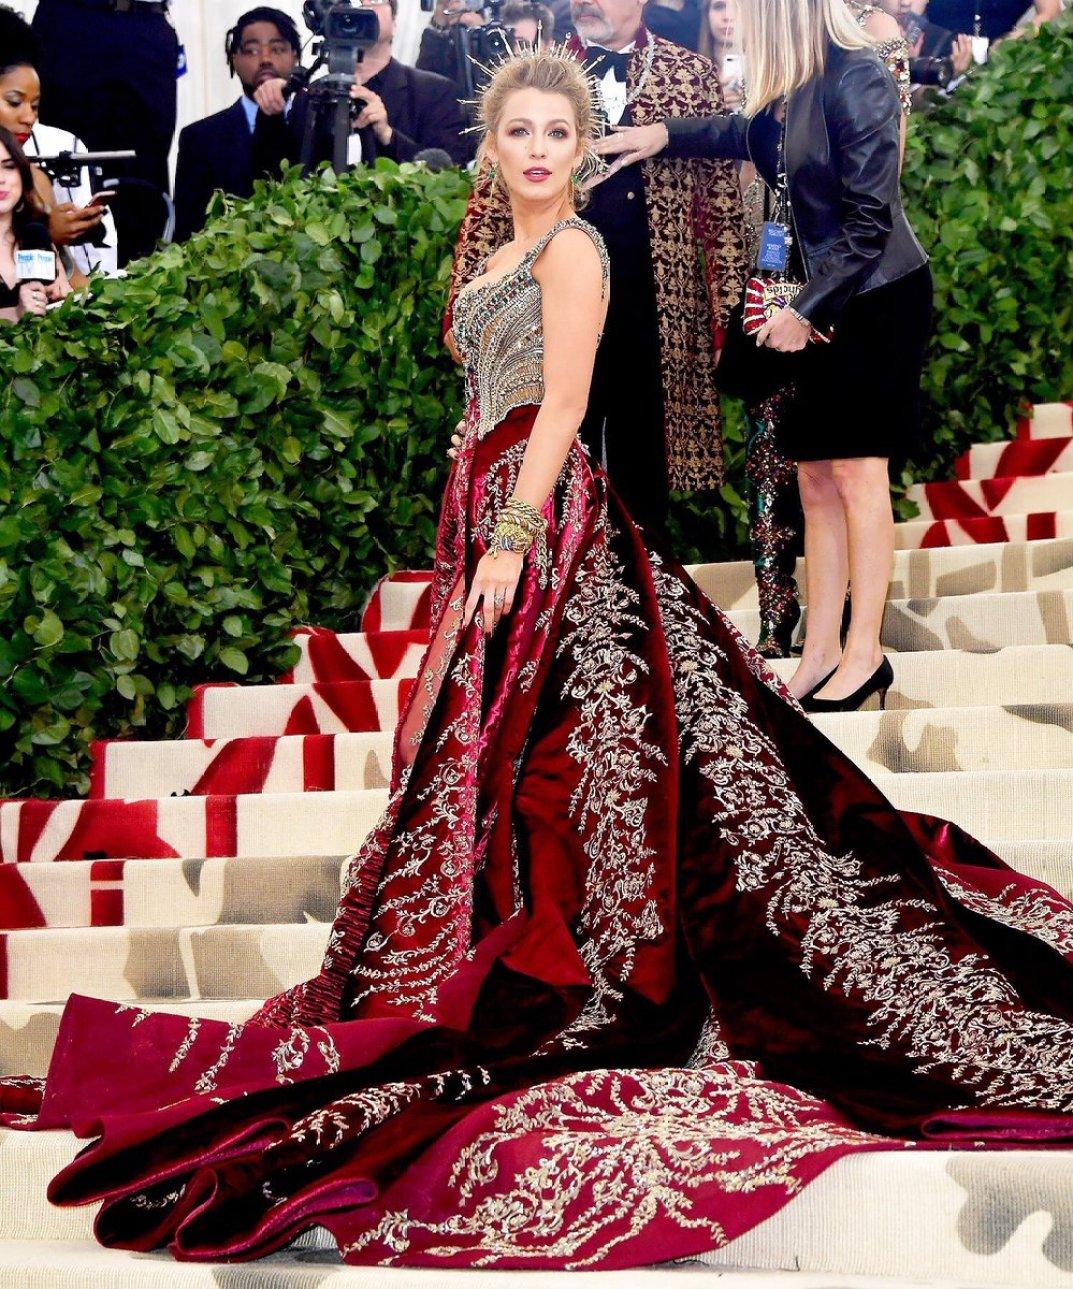 queens from the met gala